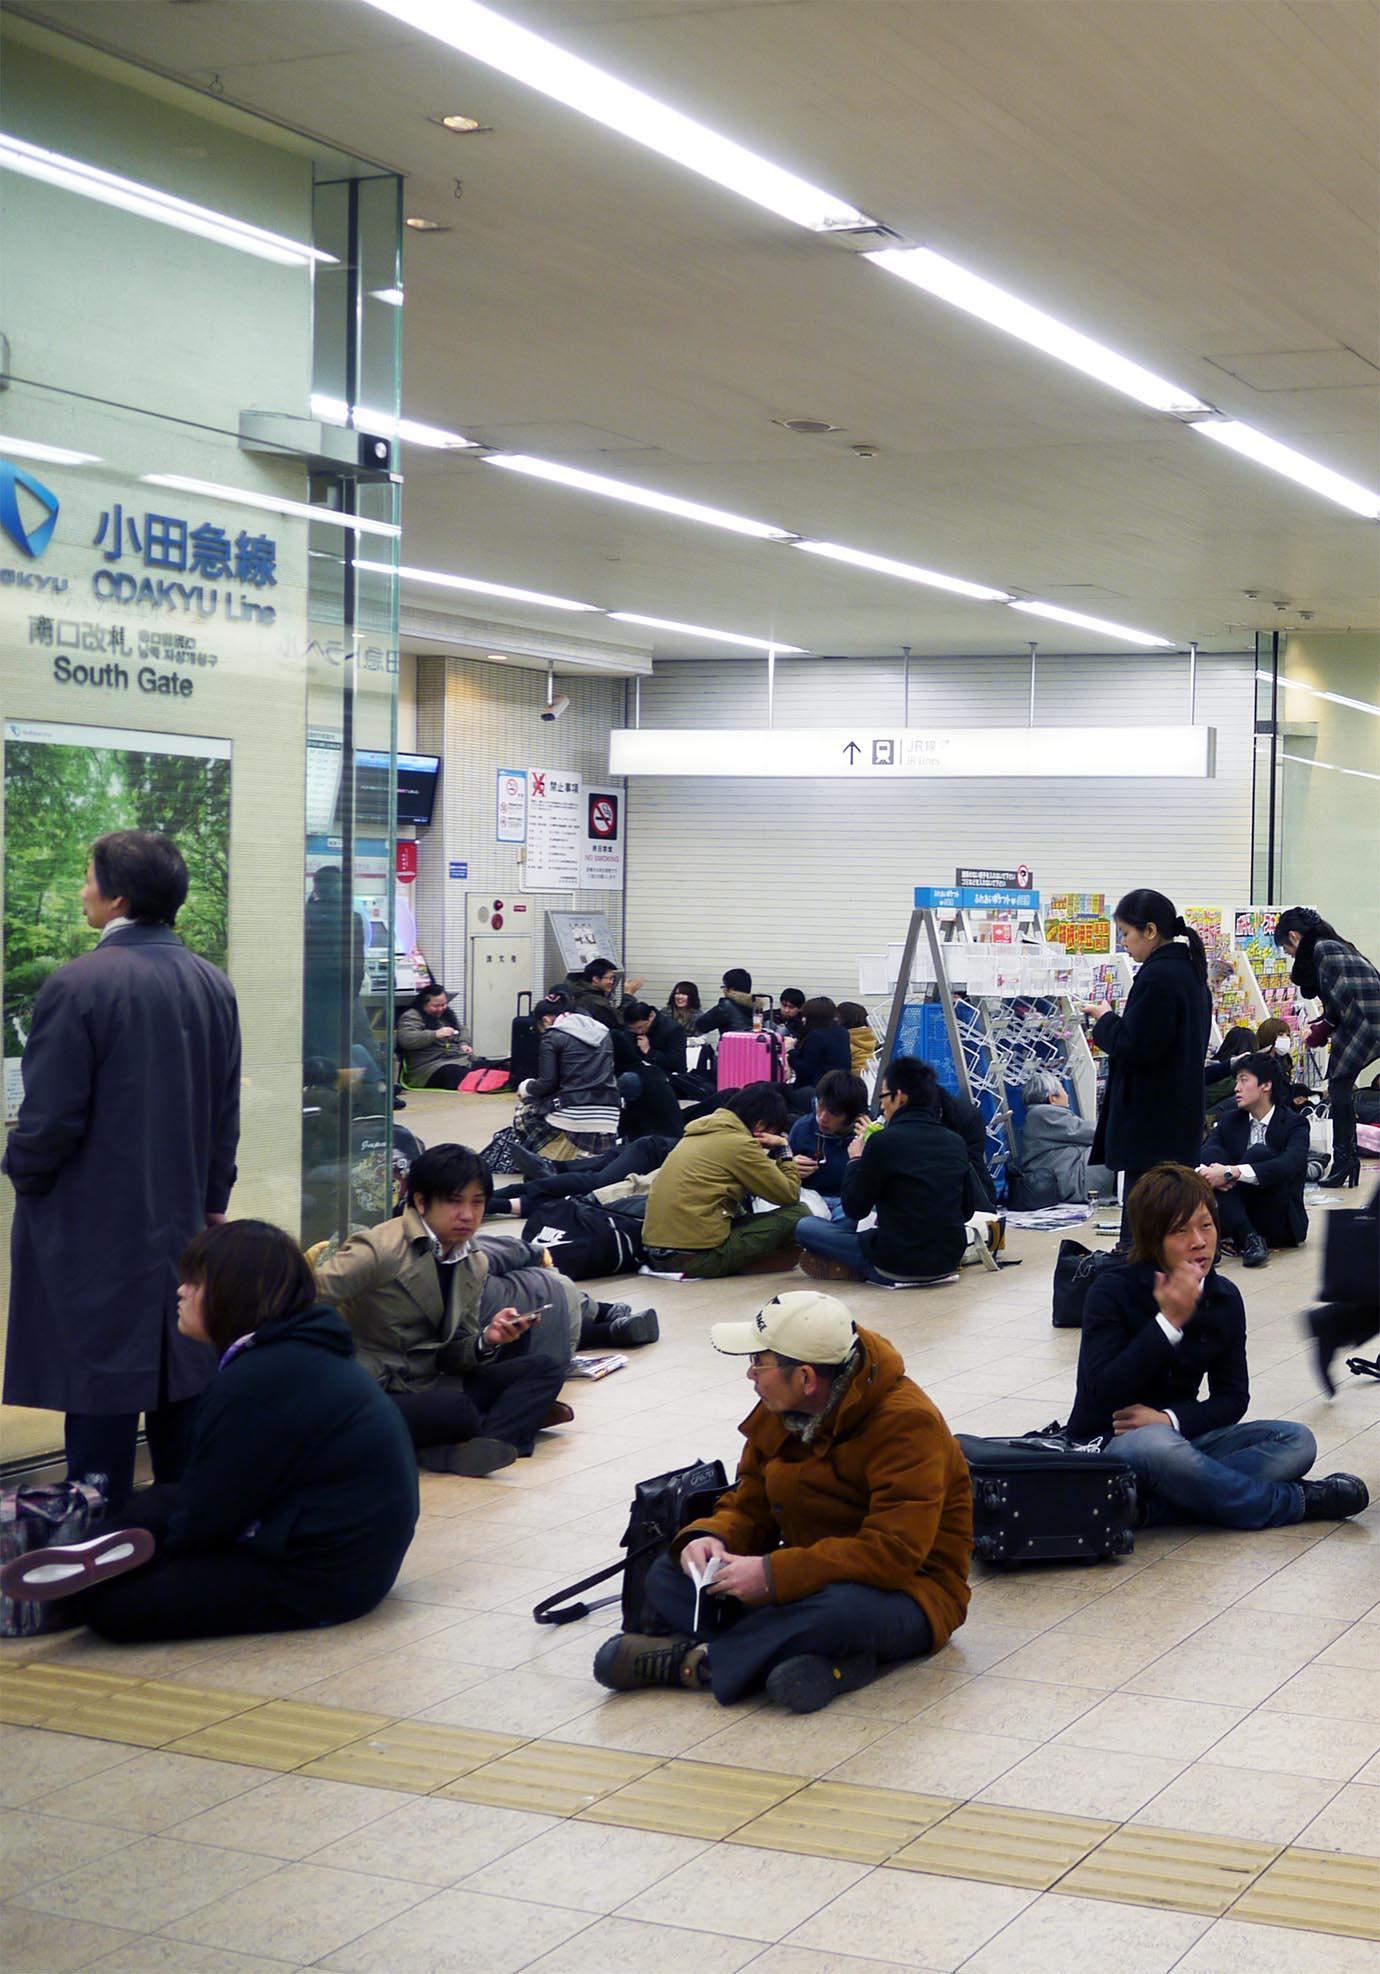 aftermath-tohoku-earthquake-station5